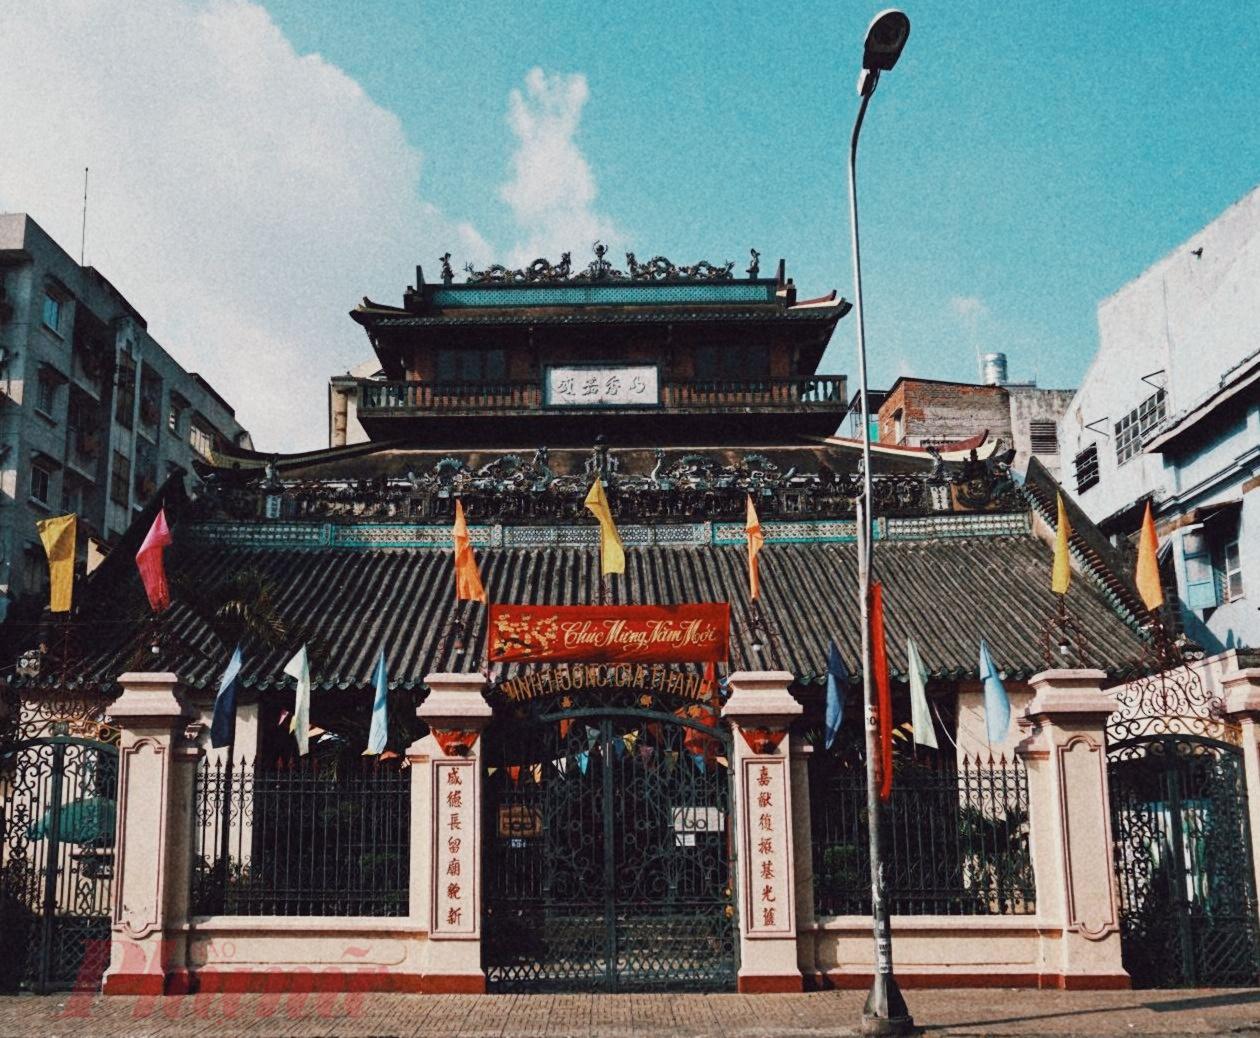 Đình được xây dựng năm 1789, là nhà việc của xã Minh Hương, một xã được thành lập vào năm 1698, tập hợp con cháu người Hoa ở dinh Phiên Trấn. Năm 1808, vua Gia Long ban cho tên